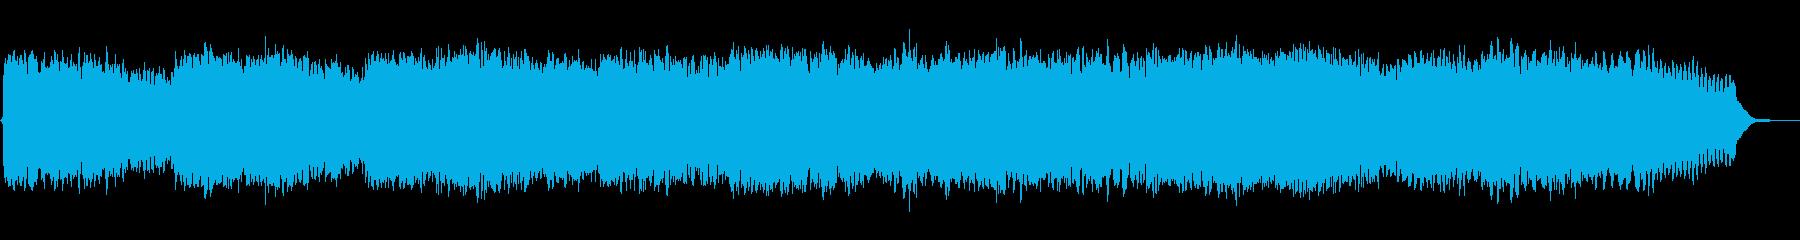 ひっそりと不思議な水っぽい雰囲気のBGMの再生済みの波形